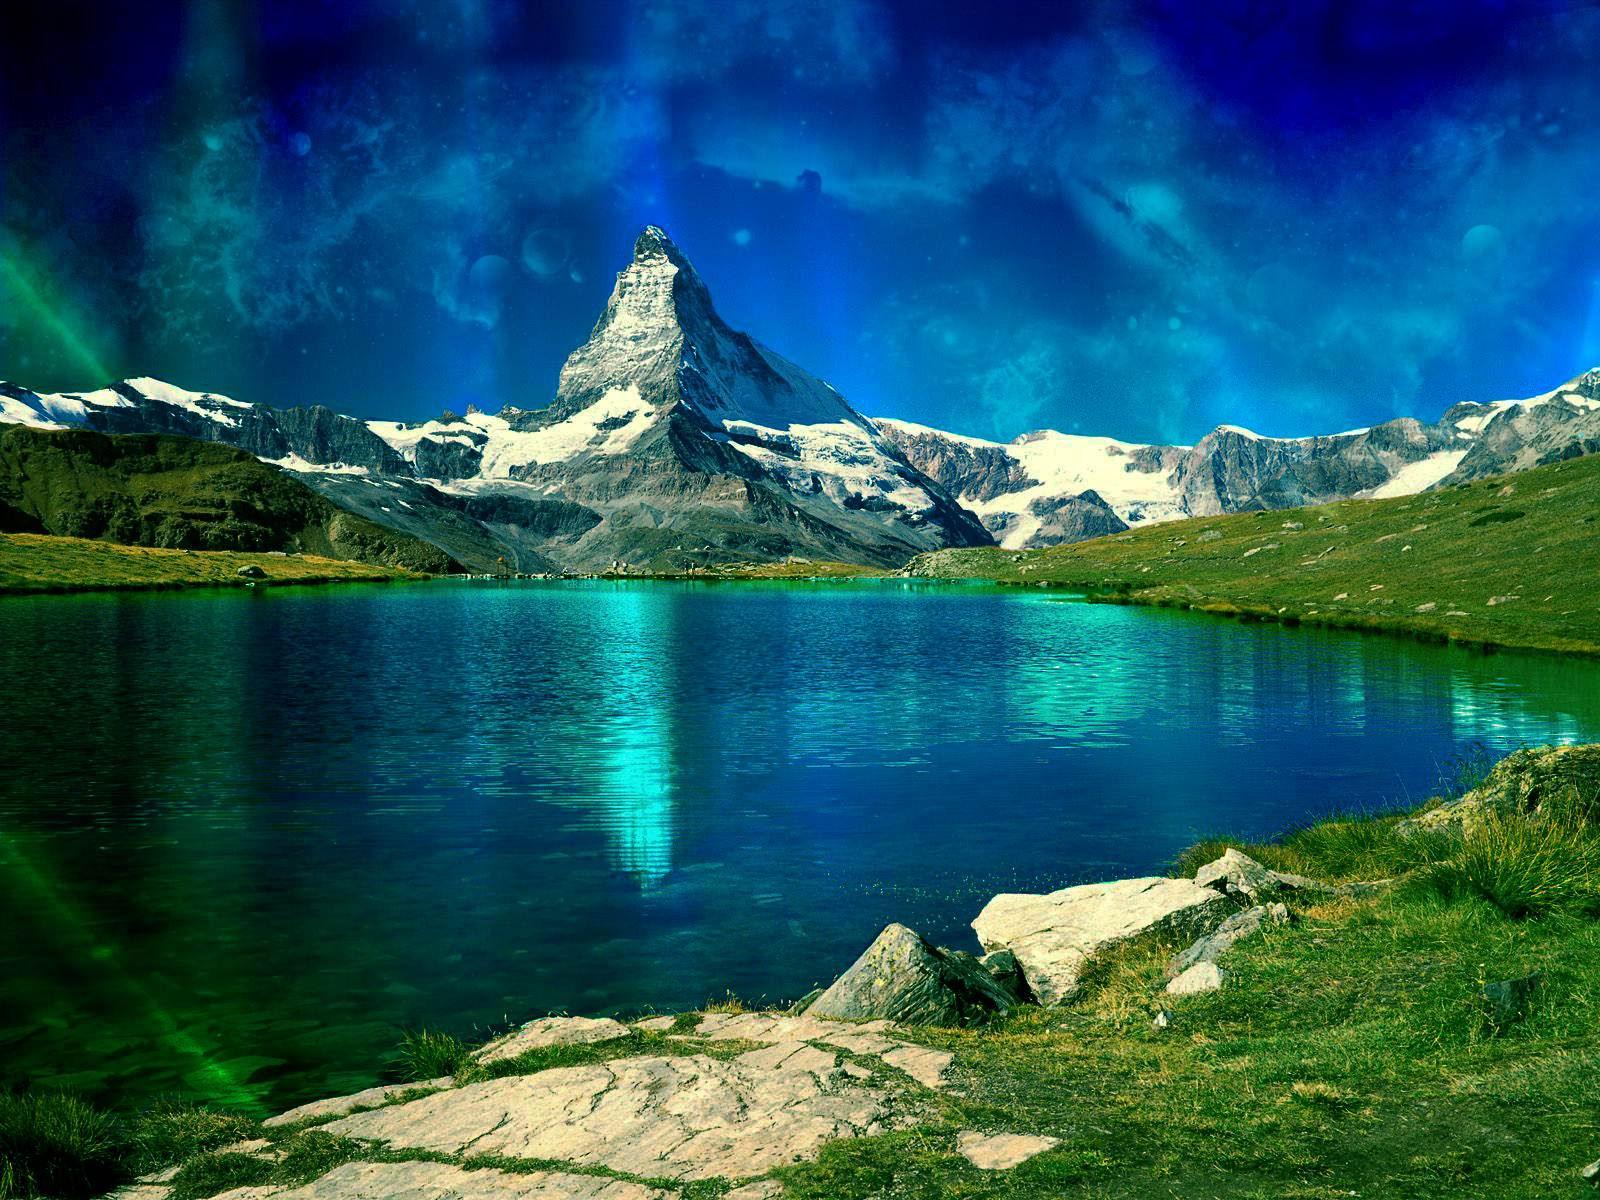 Le cervin , valais suisse